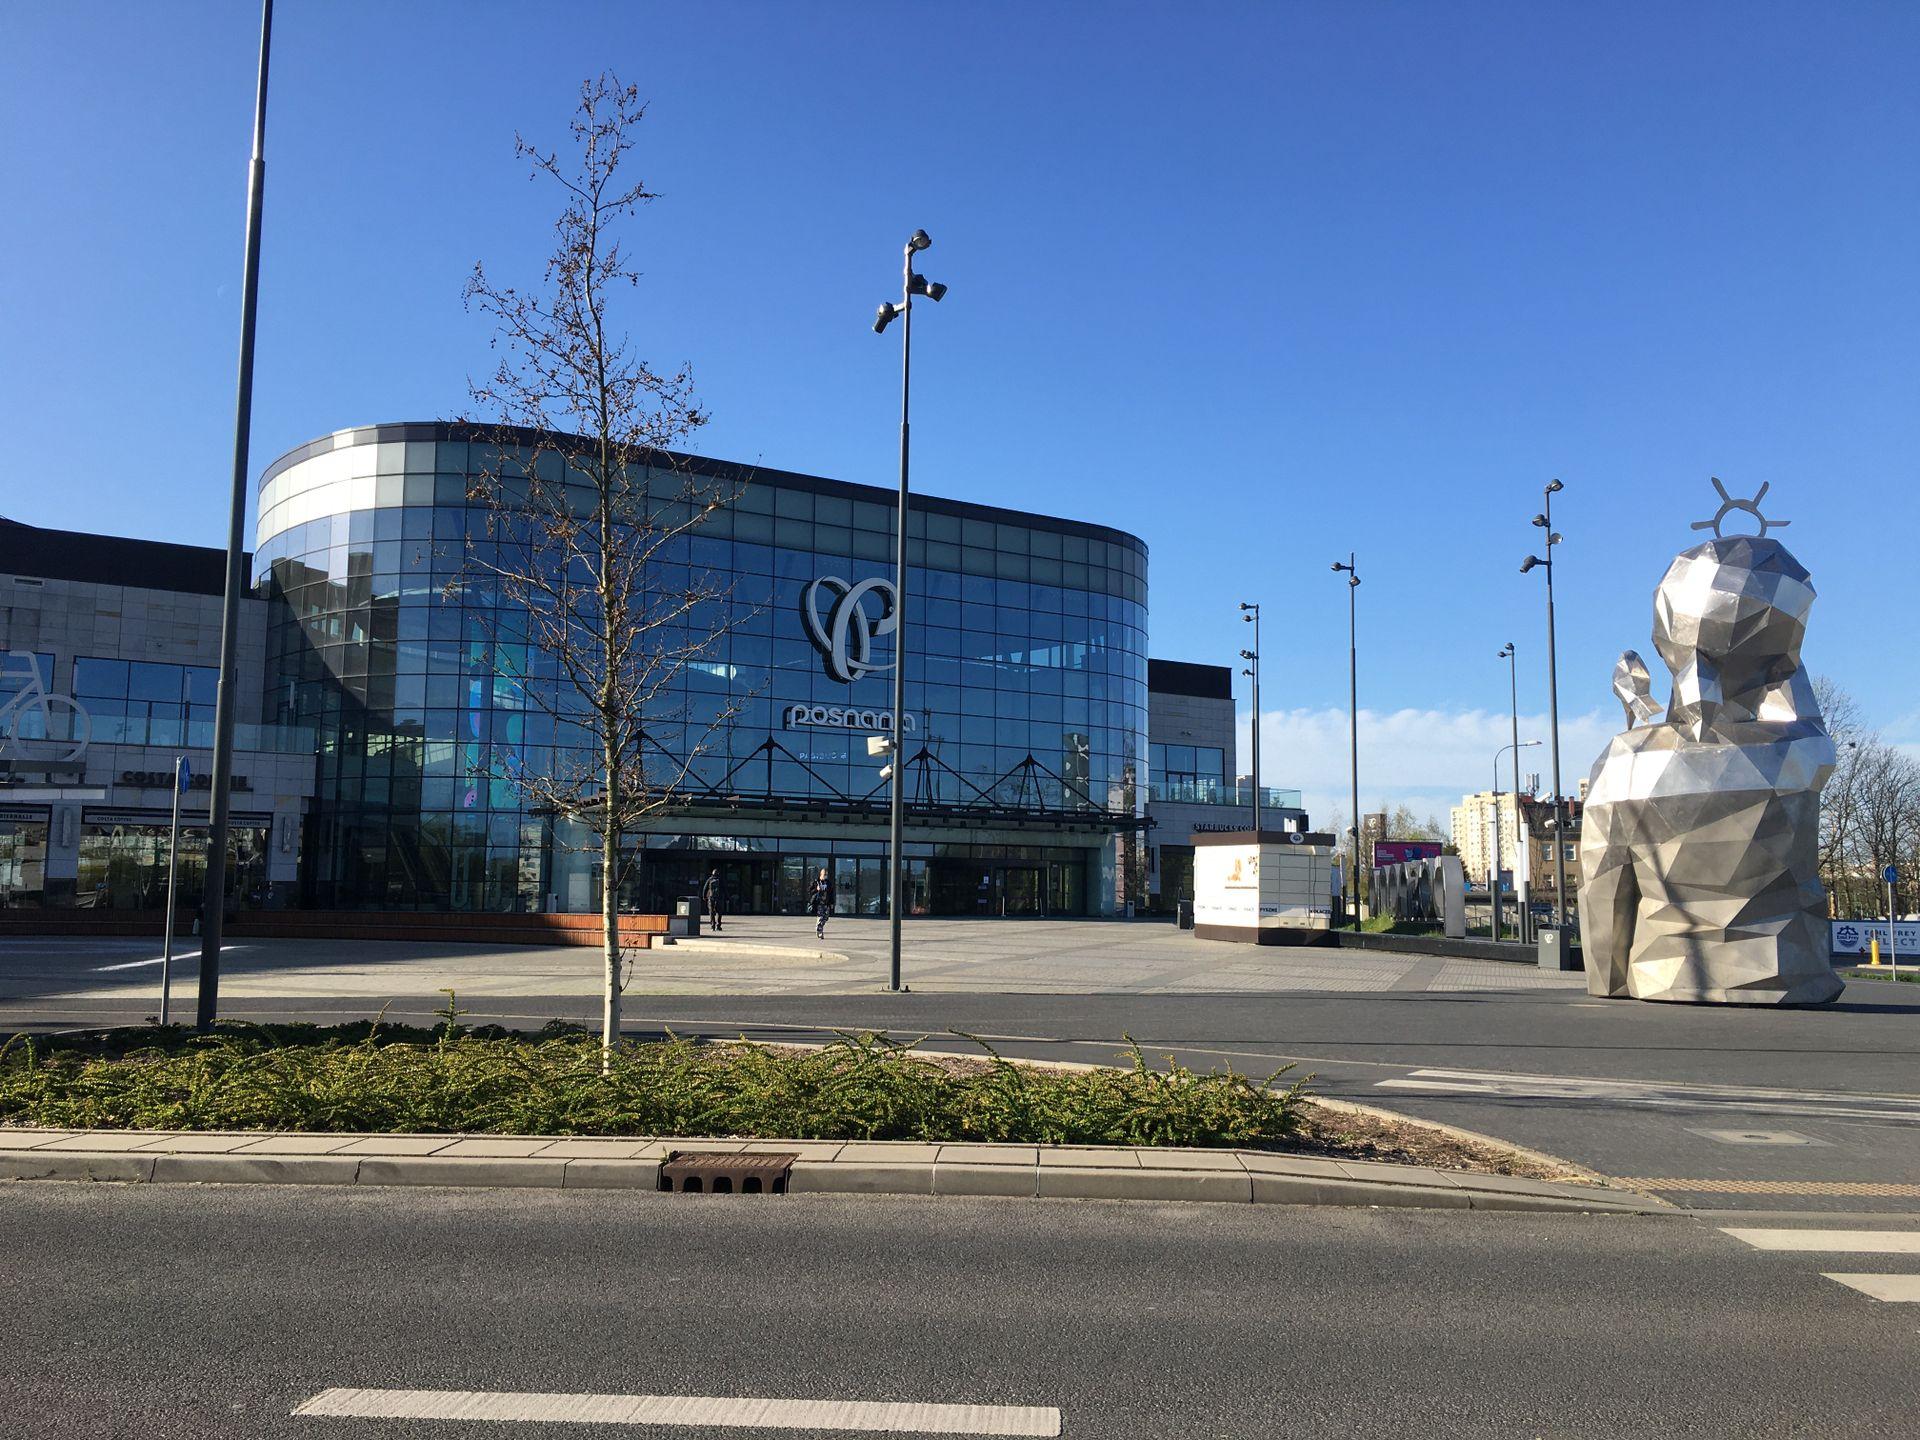 W Poznaniu wartość inwestycji wzrosła o rekordowe 55% w ciągu roku